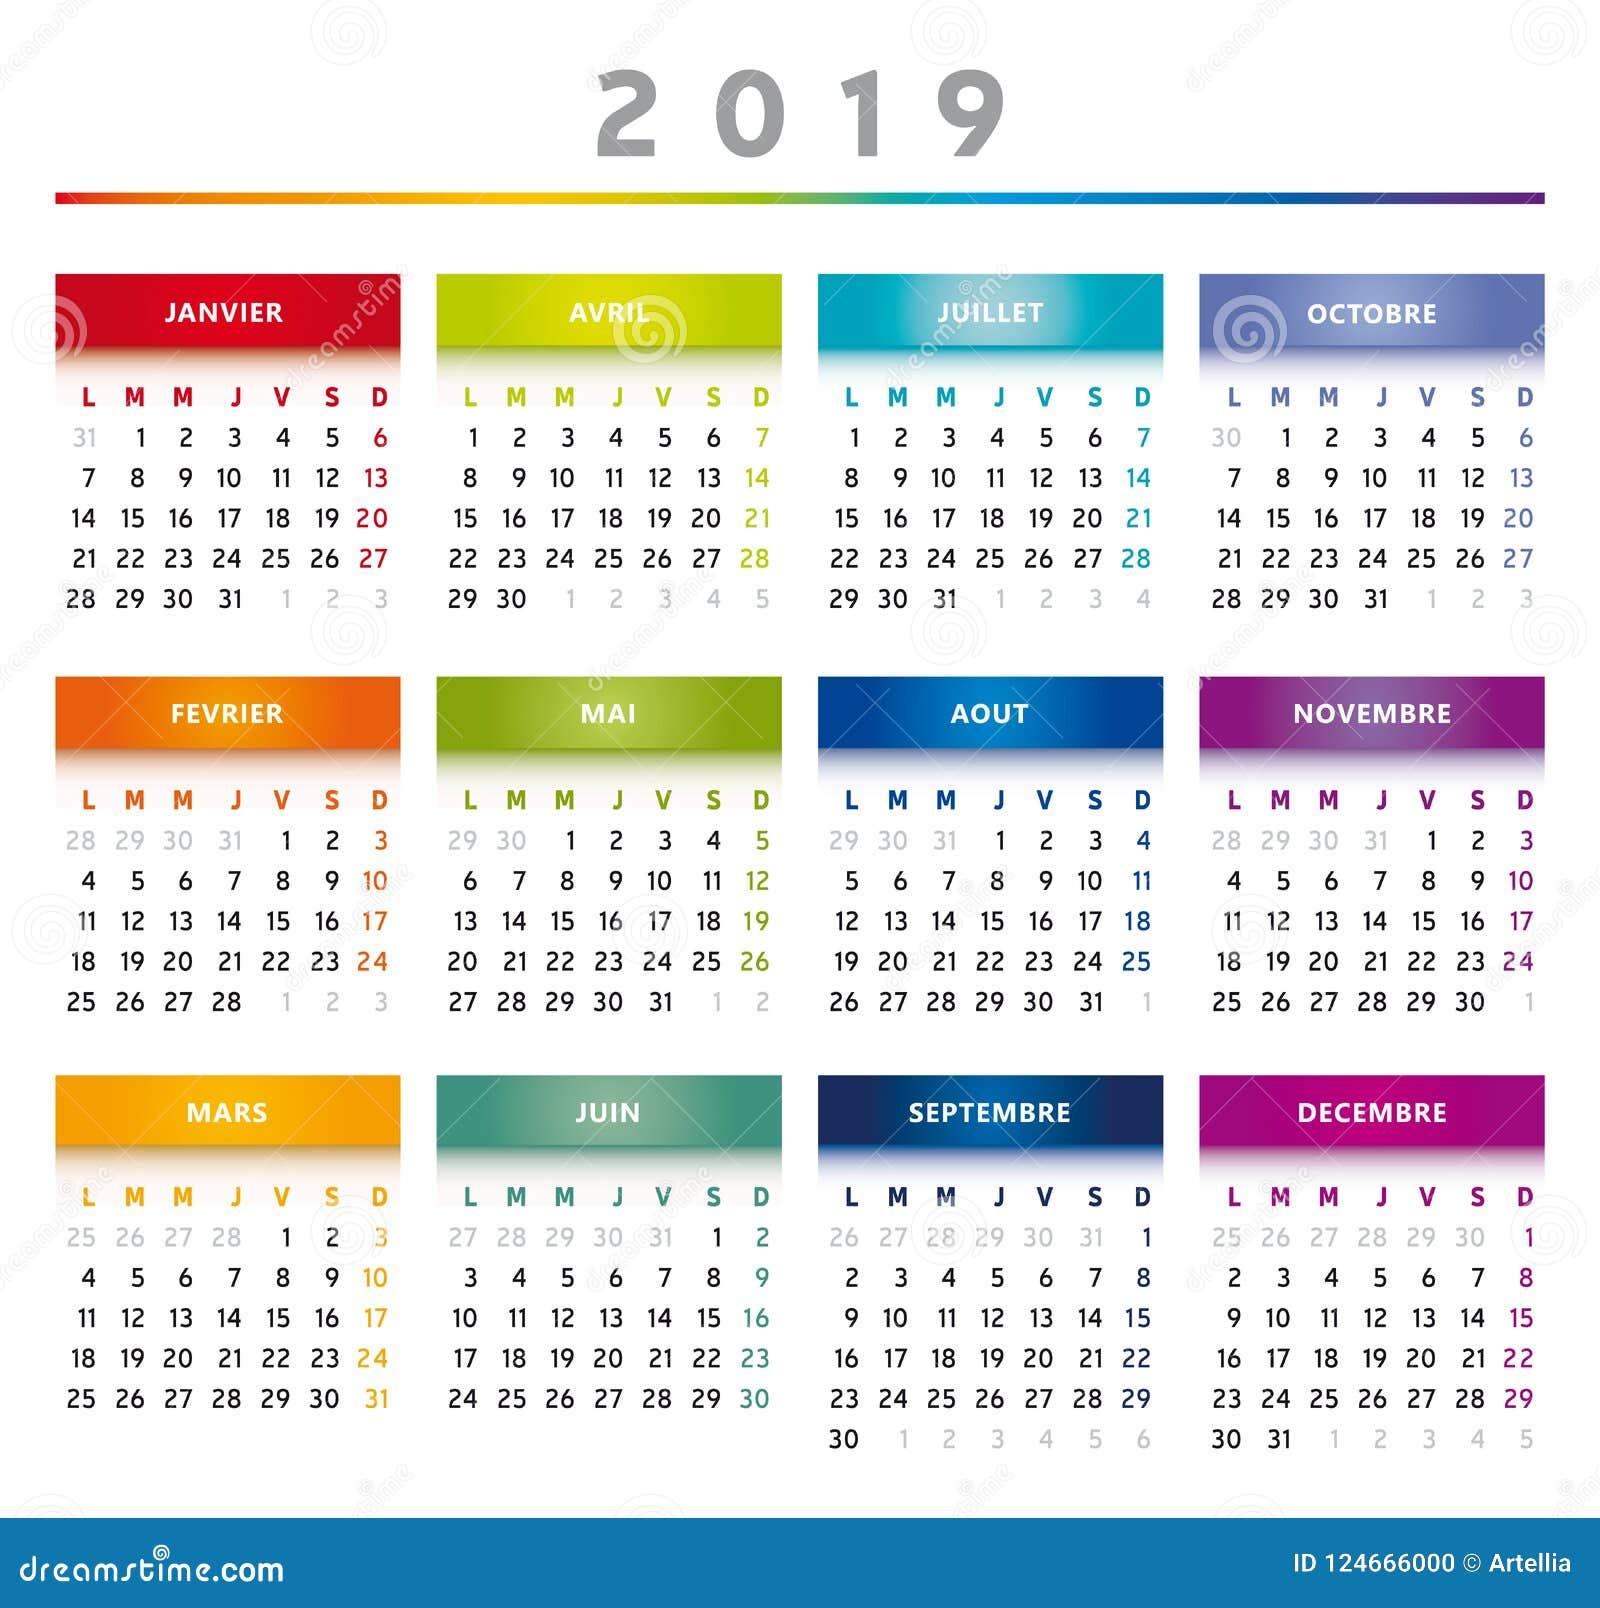 Calendrier Francais 2019.Le Calendrier 2019 Avec Des Boites En Arc En Ciel Colore 4